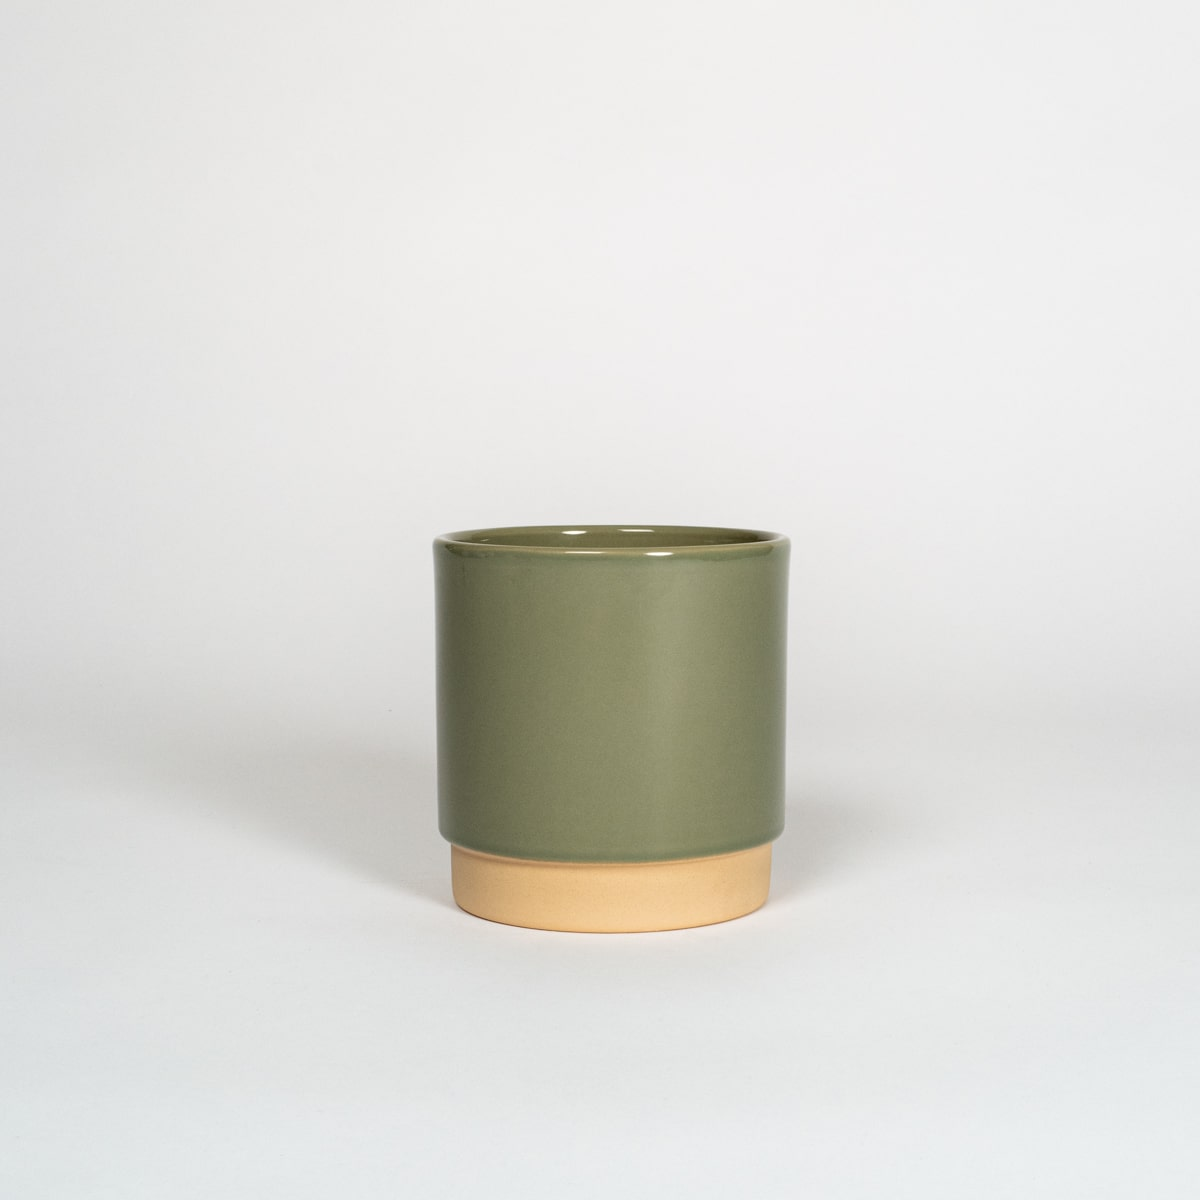 Bloom Flower Delivery | Large Sage Green Ceramic Plant Pot